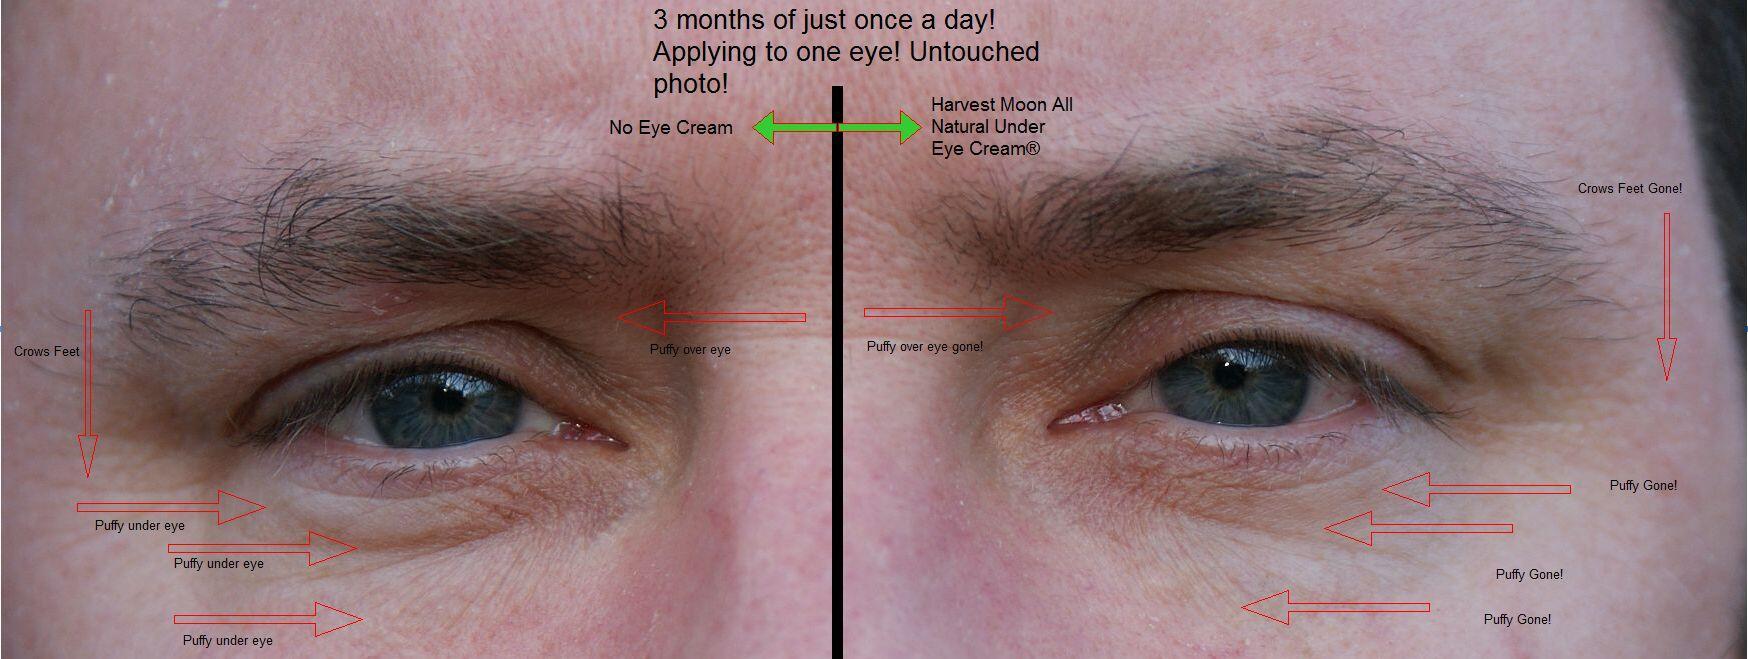 Paraben Free Under Eye Cream 9 Oz